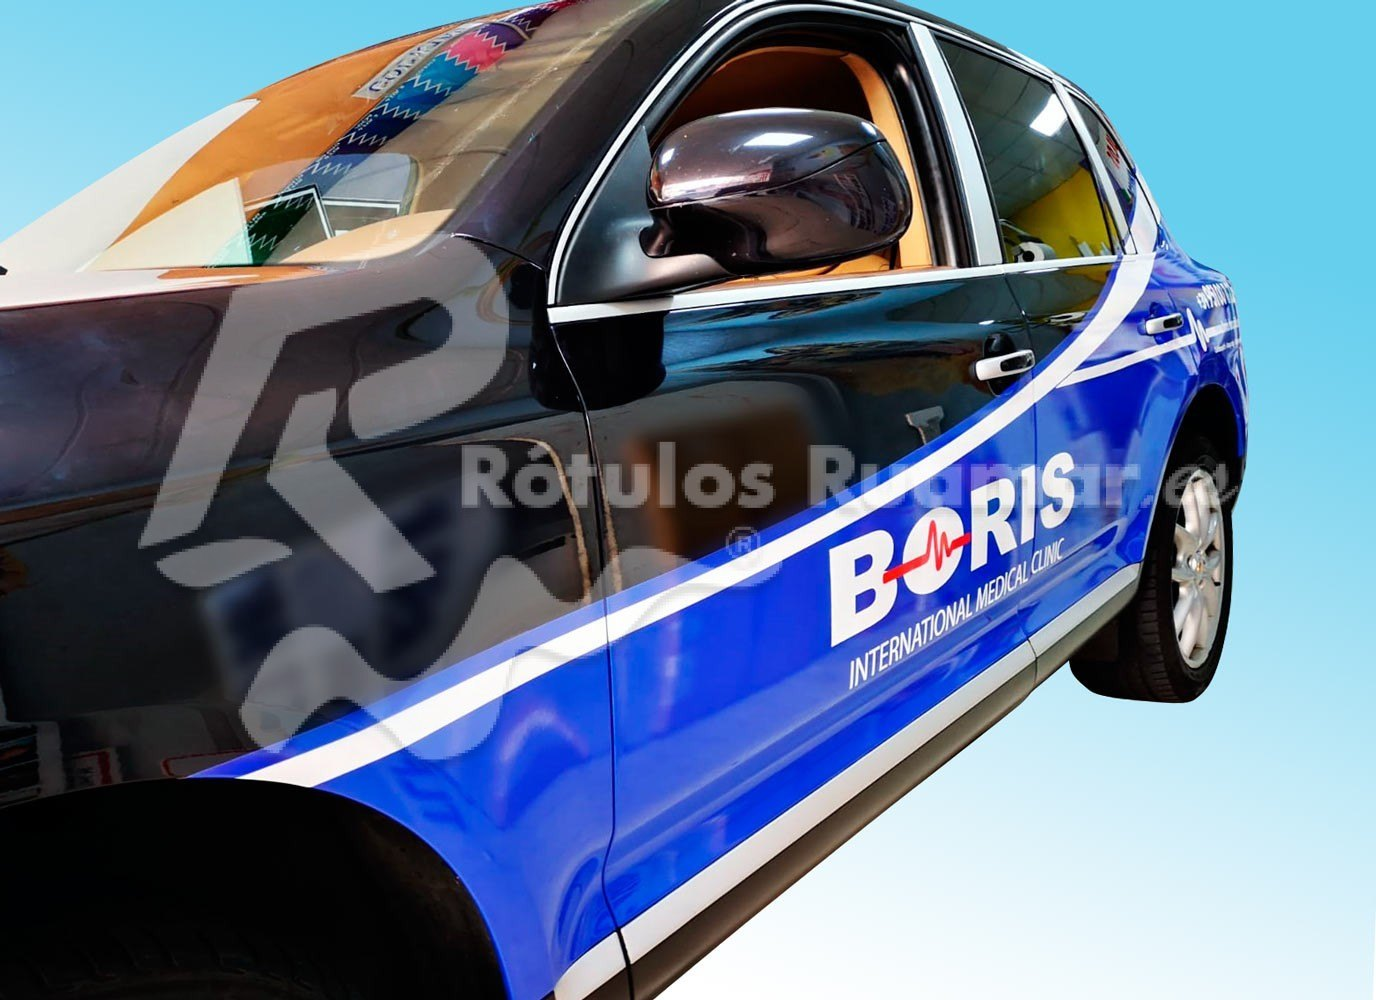 Rotulación de vehículo para Clínica Boris